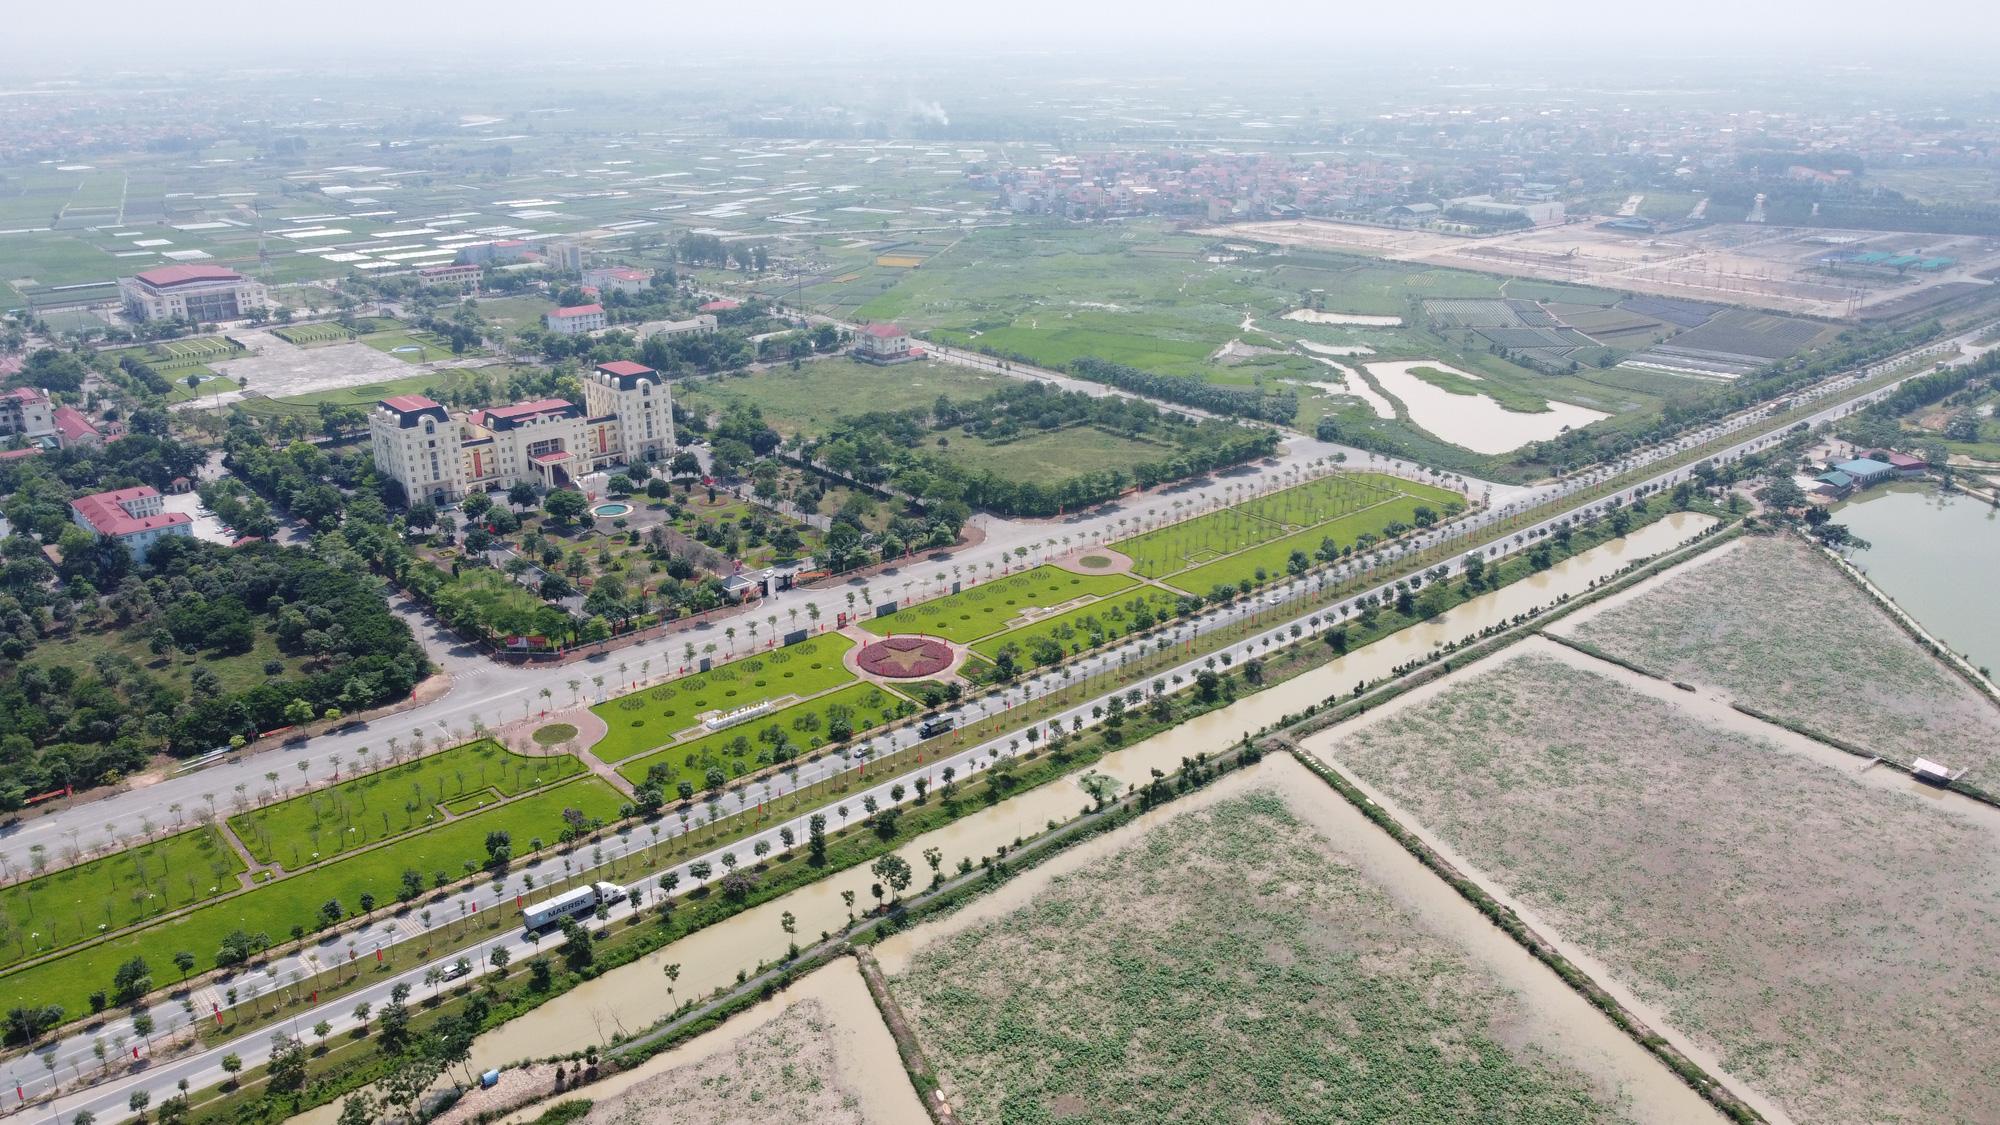 Vĩnh Phúc đầu tư giai đoạn 2 đường trục KĐT mới Mê Linh đoạn xen kẹp qua Hà Nội - Ảnh 1.